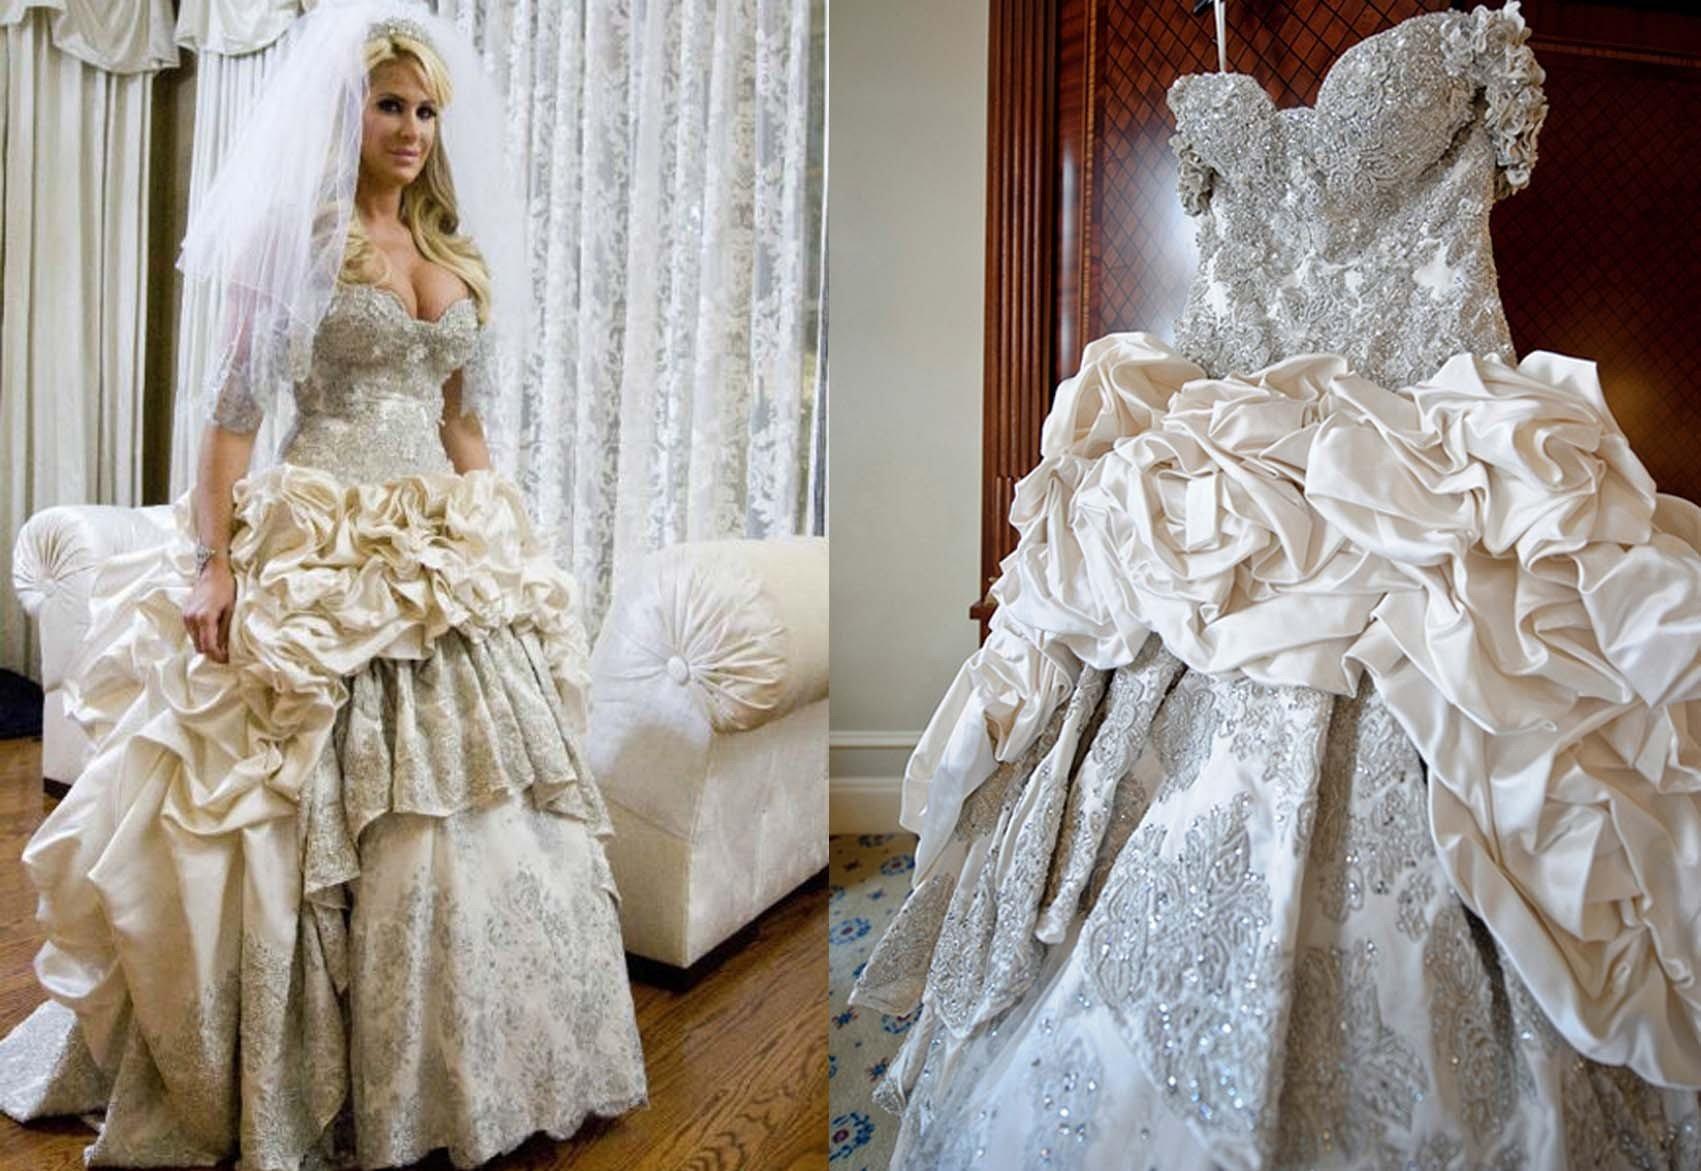 e2818f775f62c02 Топ-12: Самые дорогие дизайнерские свадебные платья